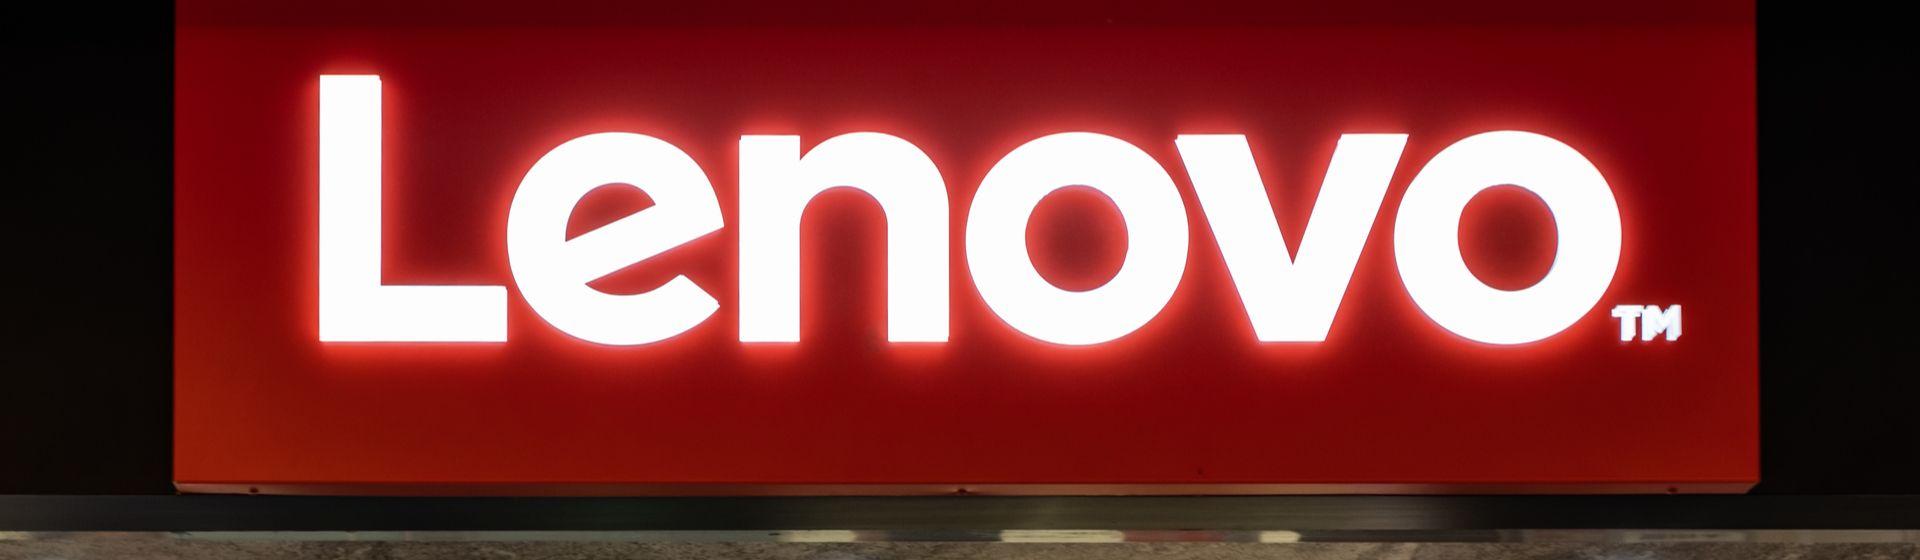 Lenovo IdeaPad Gaming 3i: preços e ficha técnica dos notebooks gamer